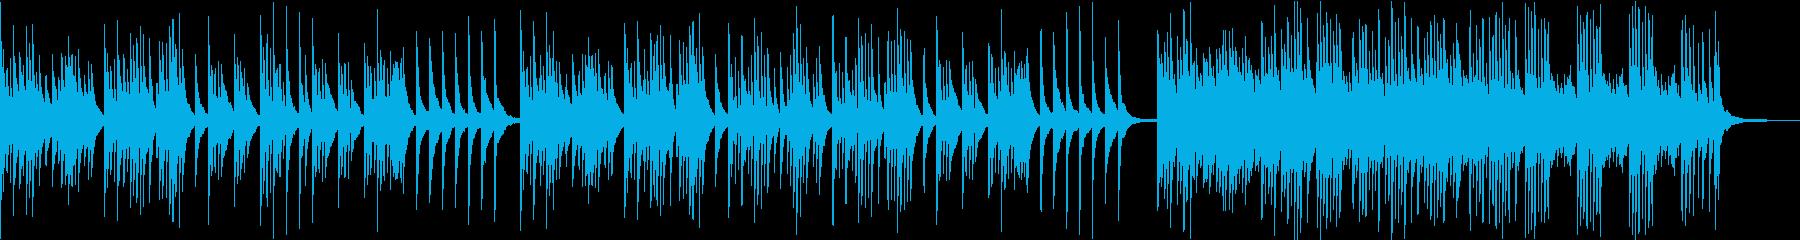 少し和テイストなピアノ音楽の再生済みの波形